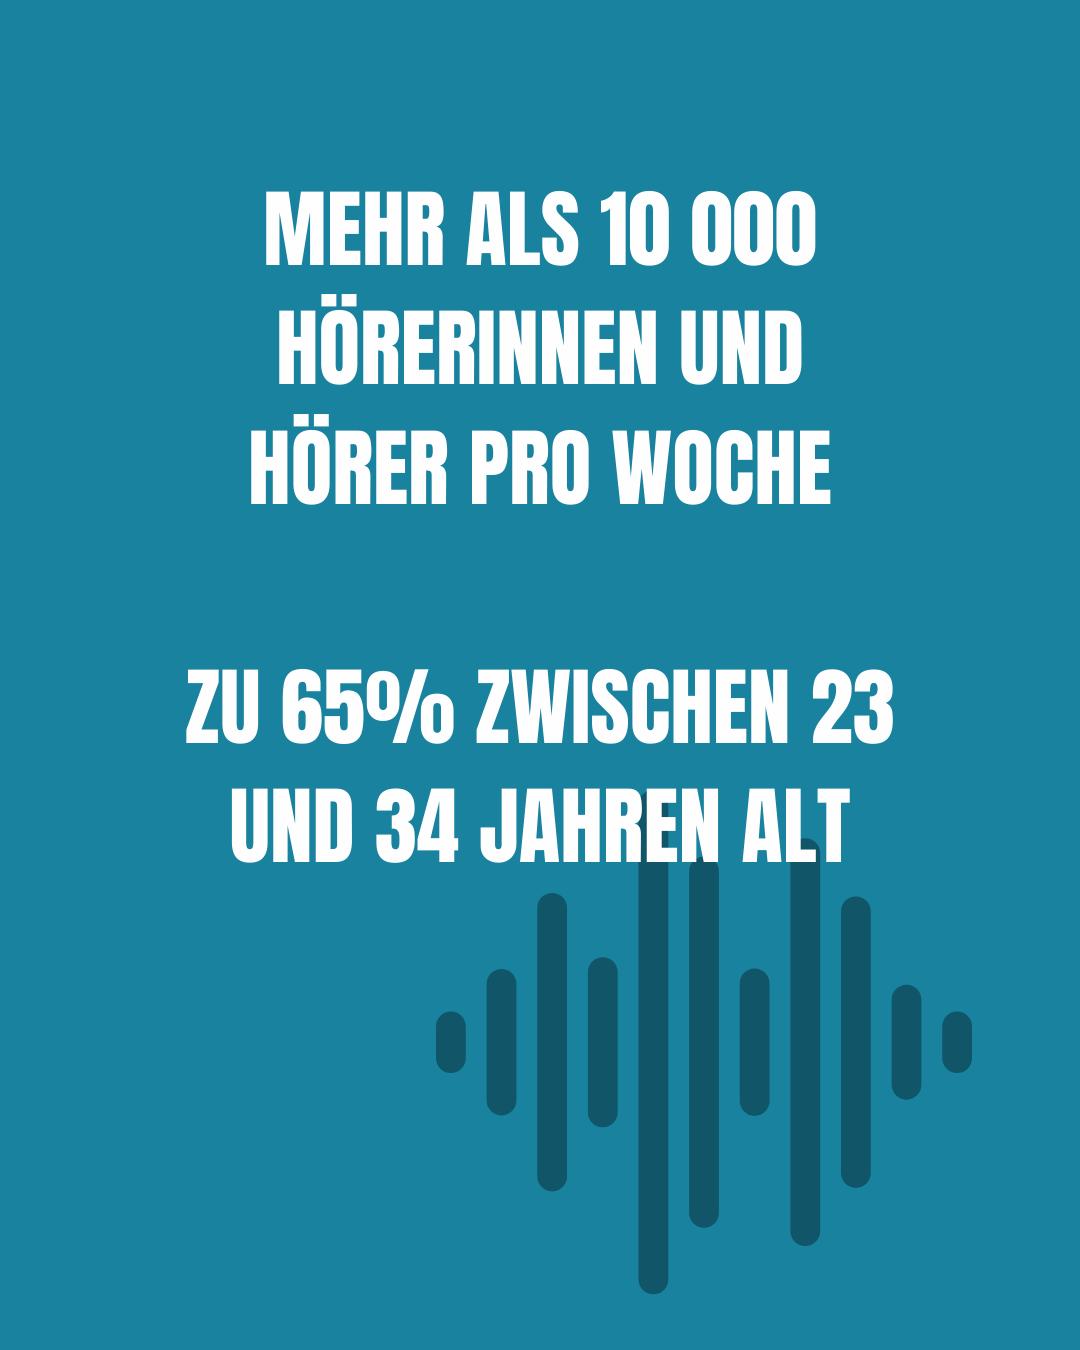 Mehr als zehntausend Hörerinnen und Hörer pro Woche, die zu 65 Prozent zwischen 23 und 34 Jahren alt sind.